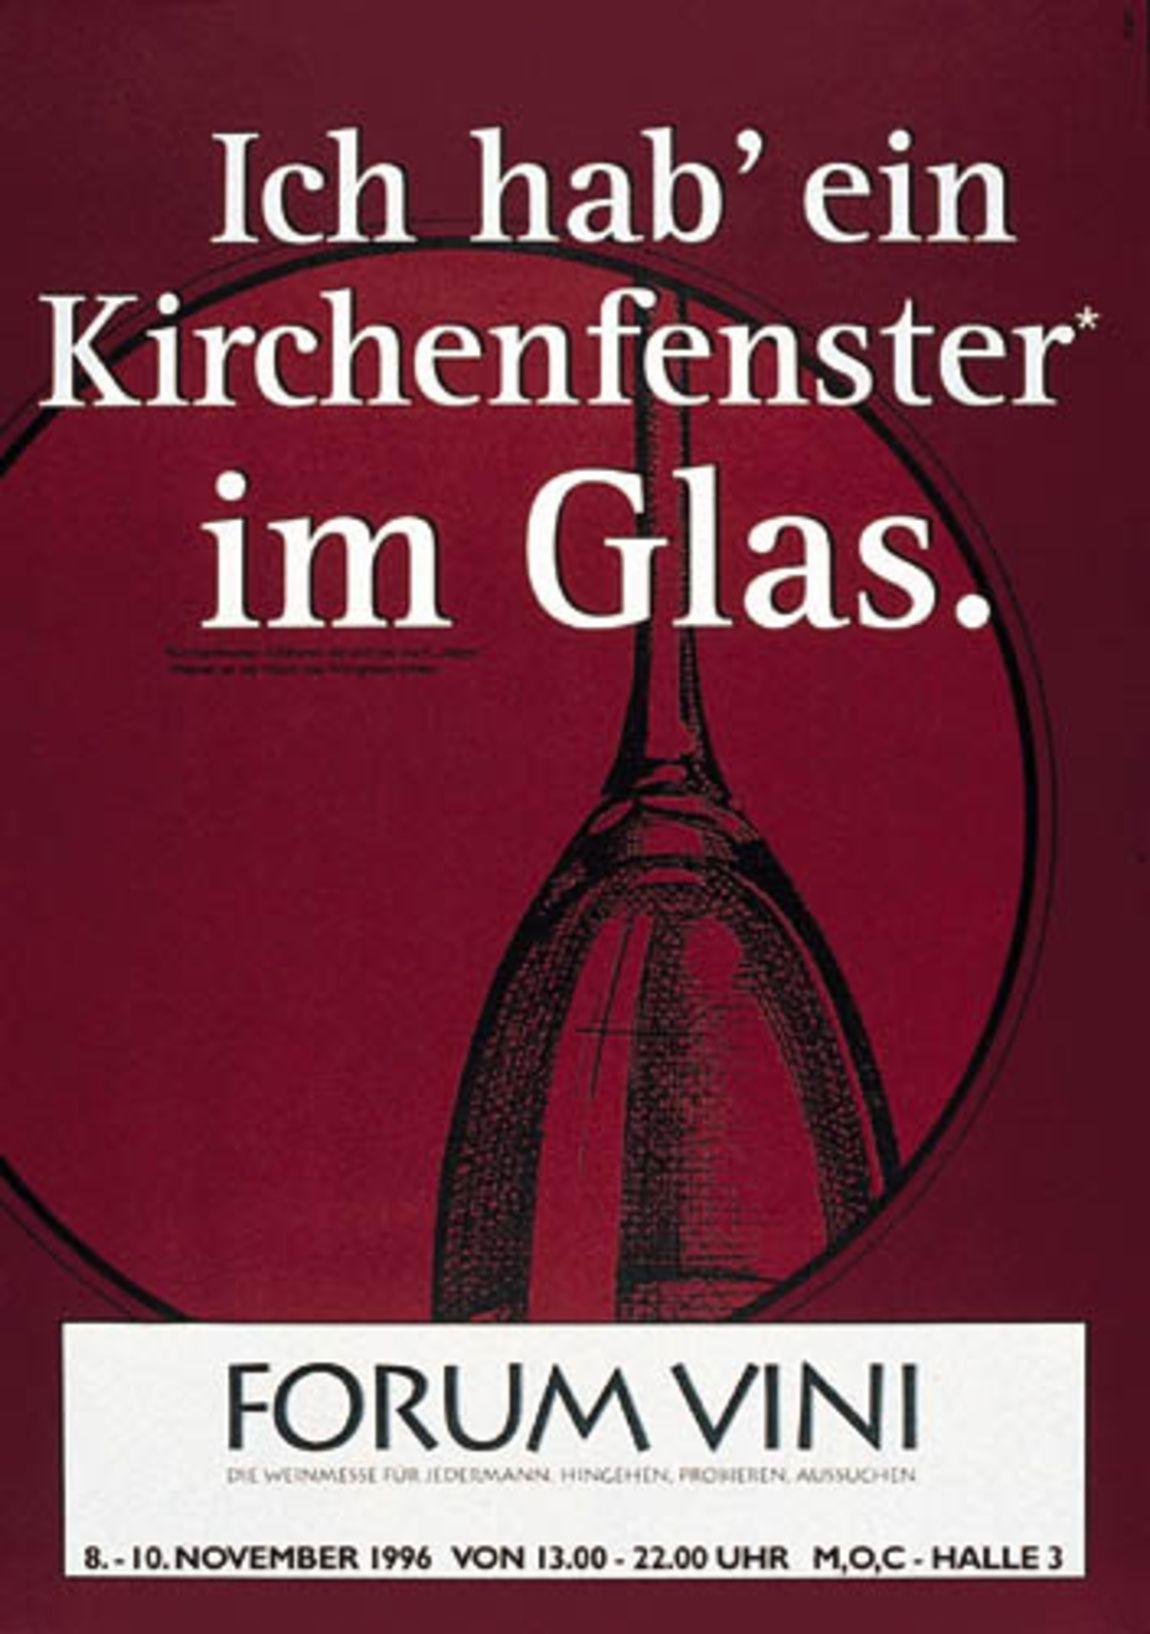 Read more: https://www.luerzersarchive.com/en/magazine/print-detail/5548.html Tags: Franziska Kronast,Thilo von Buren,Susanne Strassman,Forum Vini,.start GmbH, Muenchen